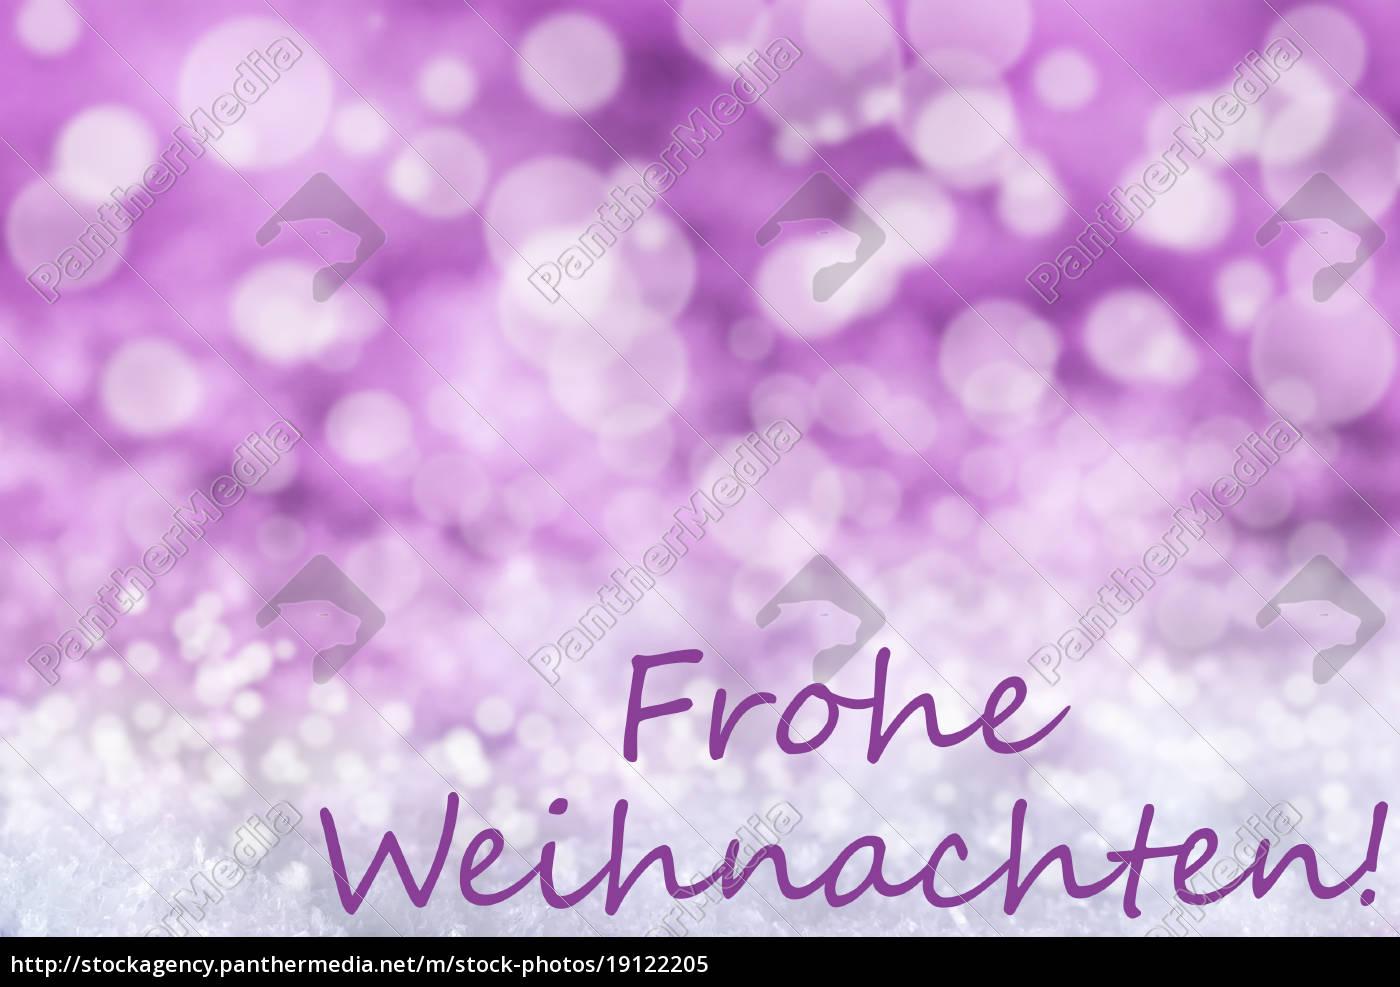 pink, bokeh, background, , snow, , frohe, weihnachten - 19122205